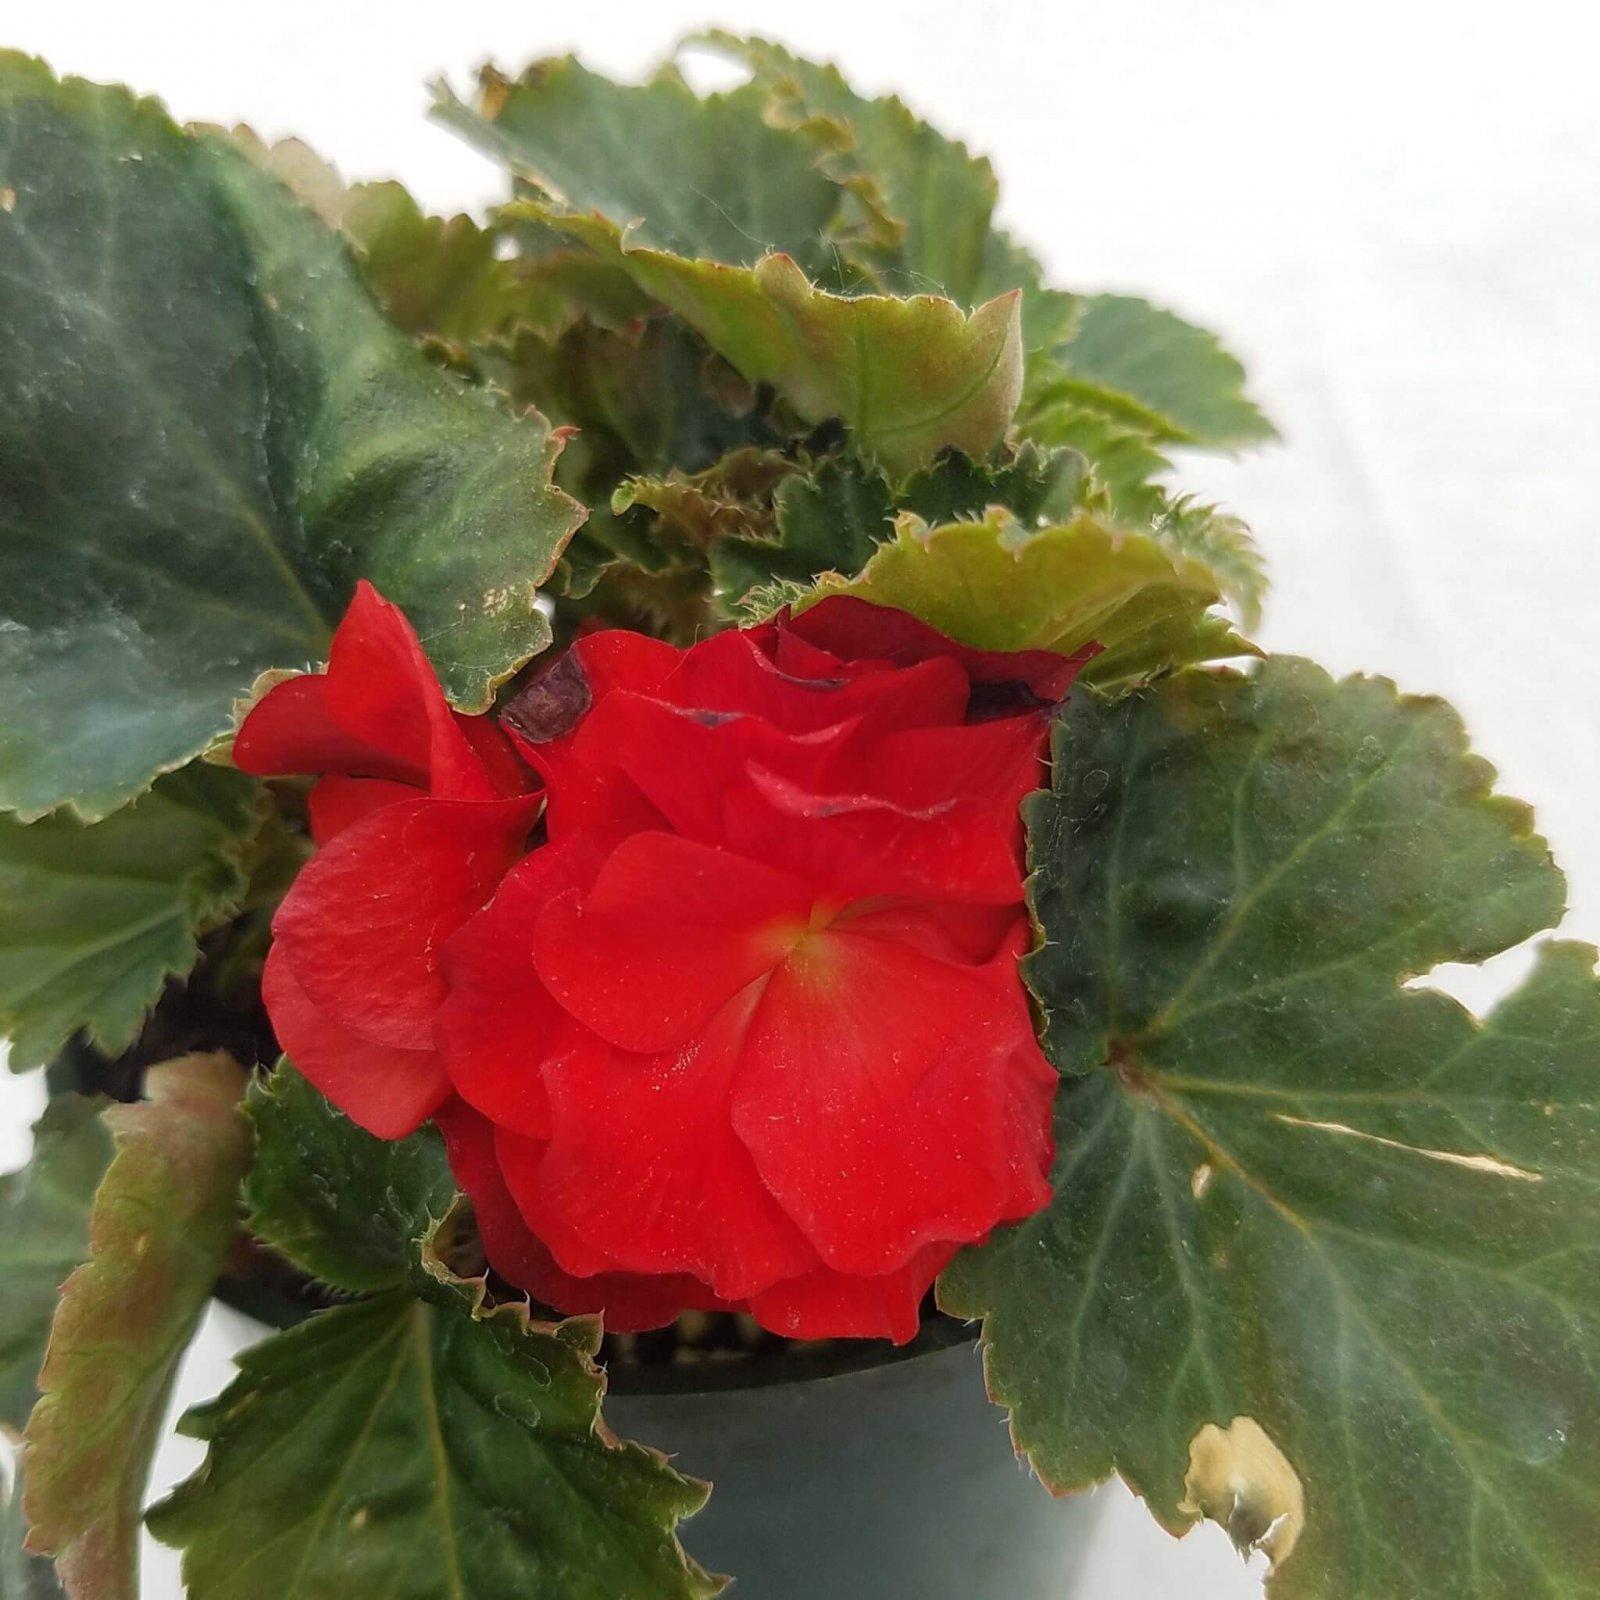 Begonia tuberosa 'Nonstop Red' - 4 1/2